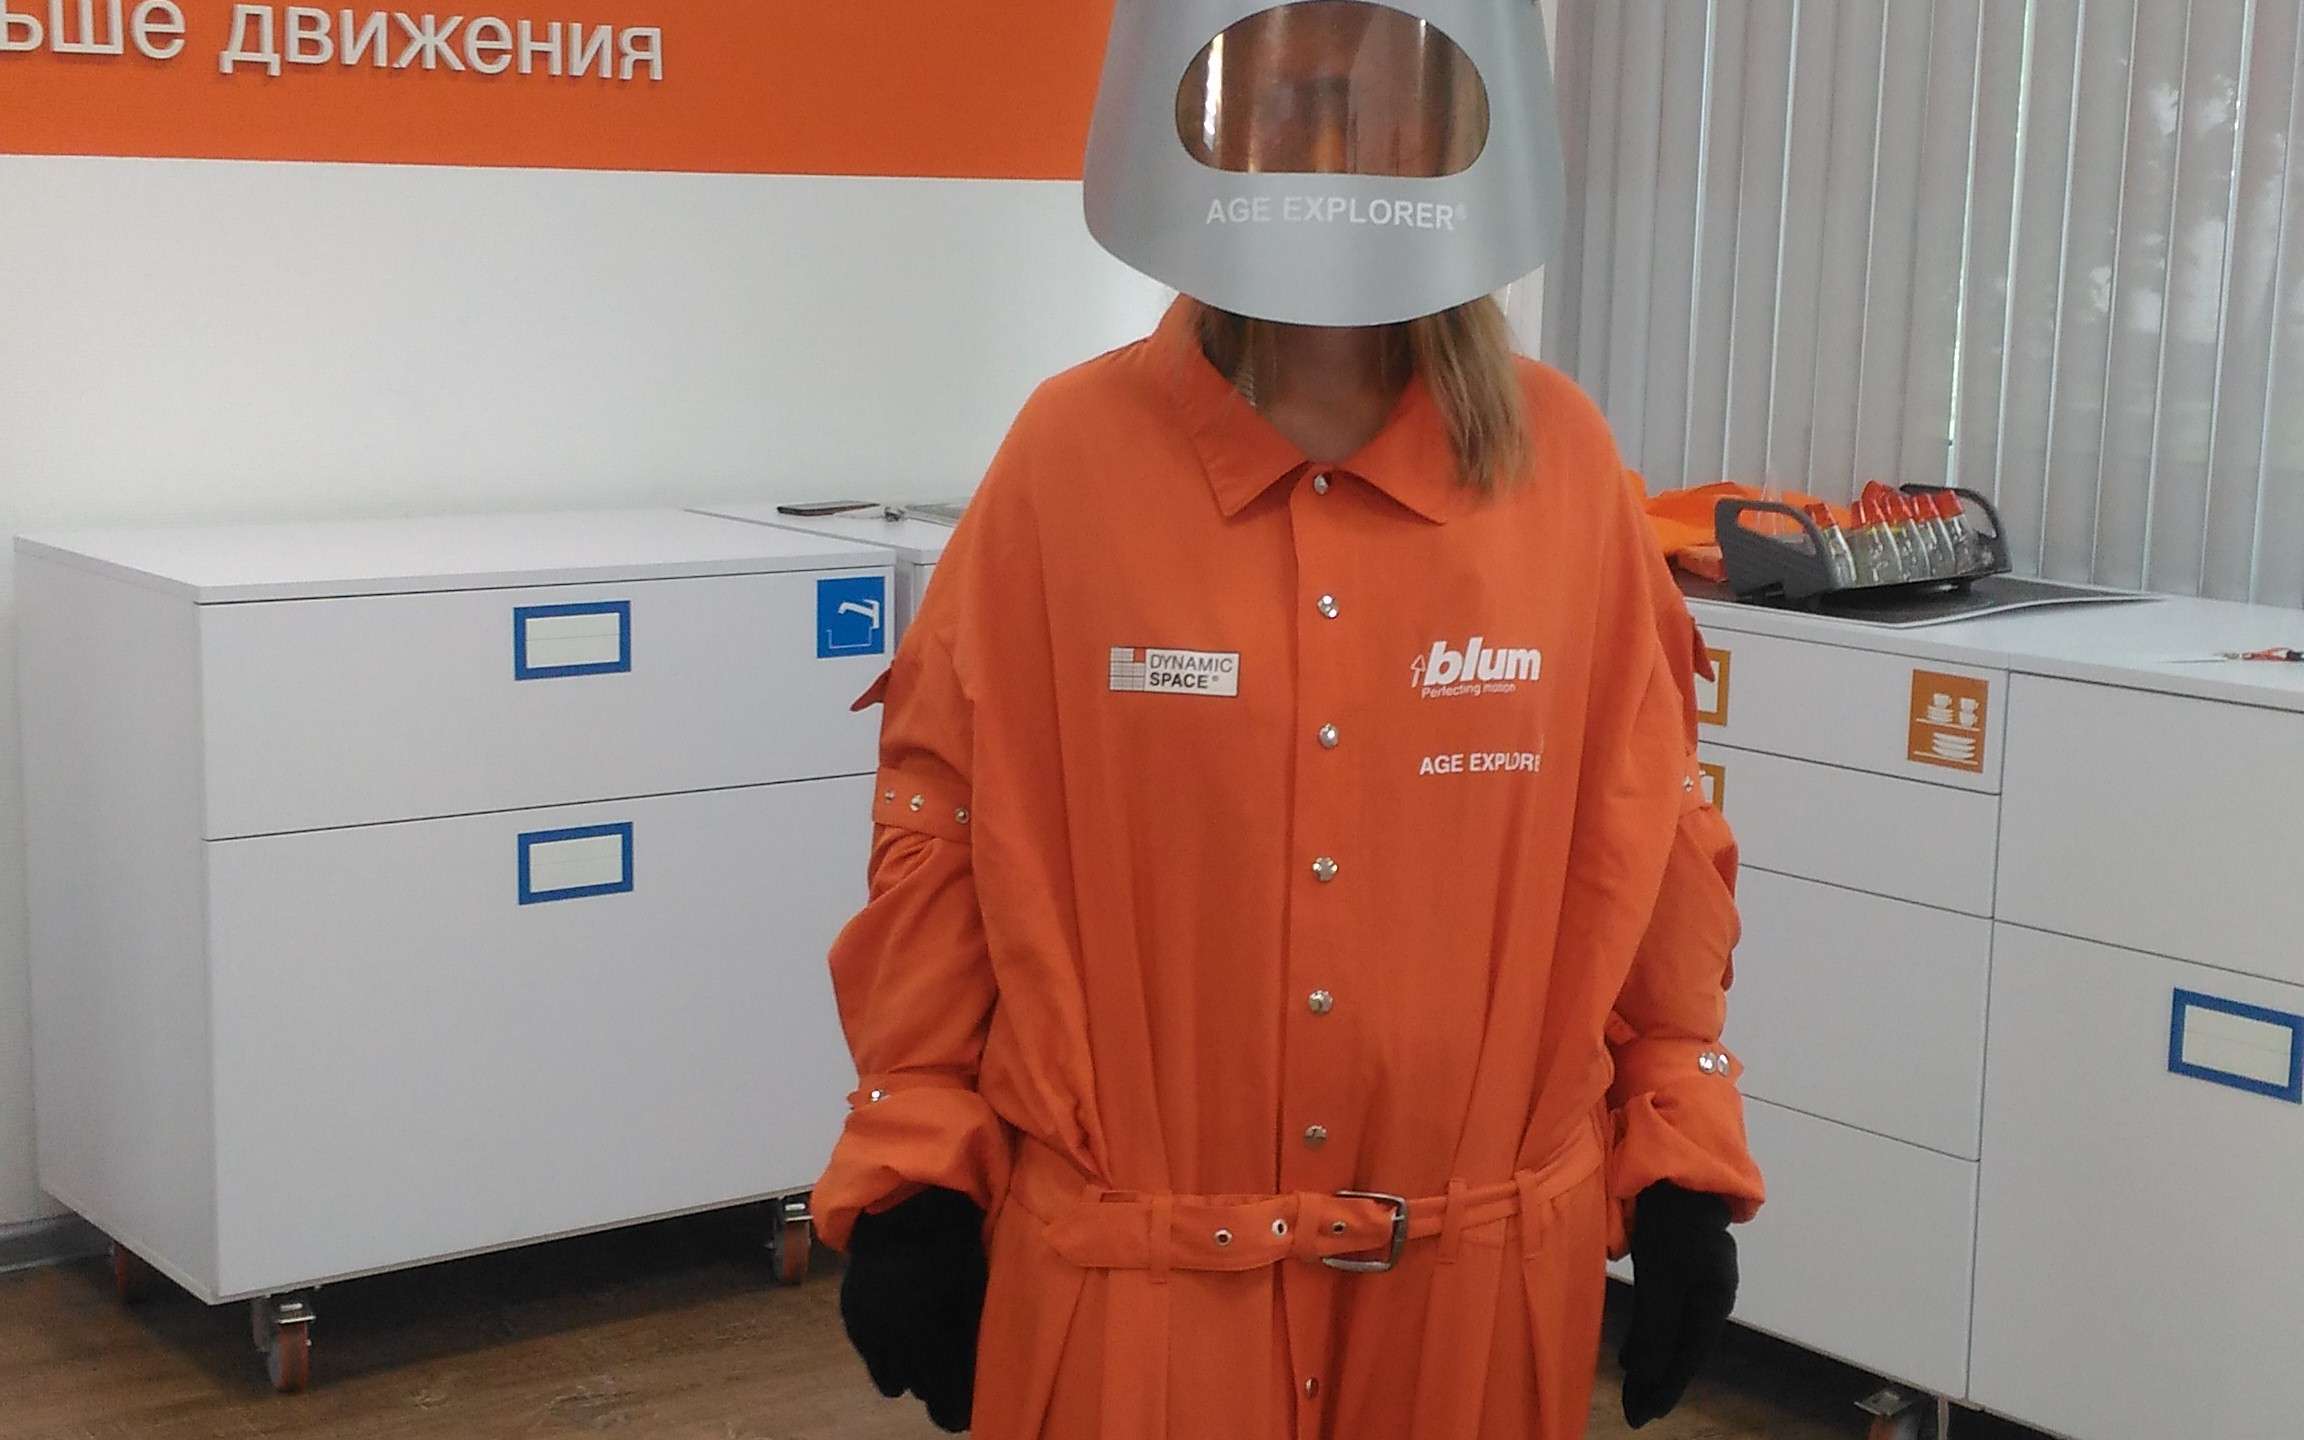 blum_Ирина-Ежова-тест-костюма